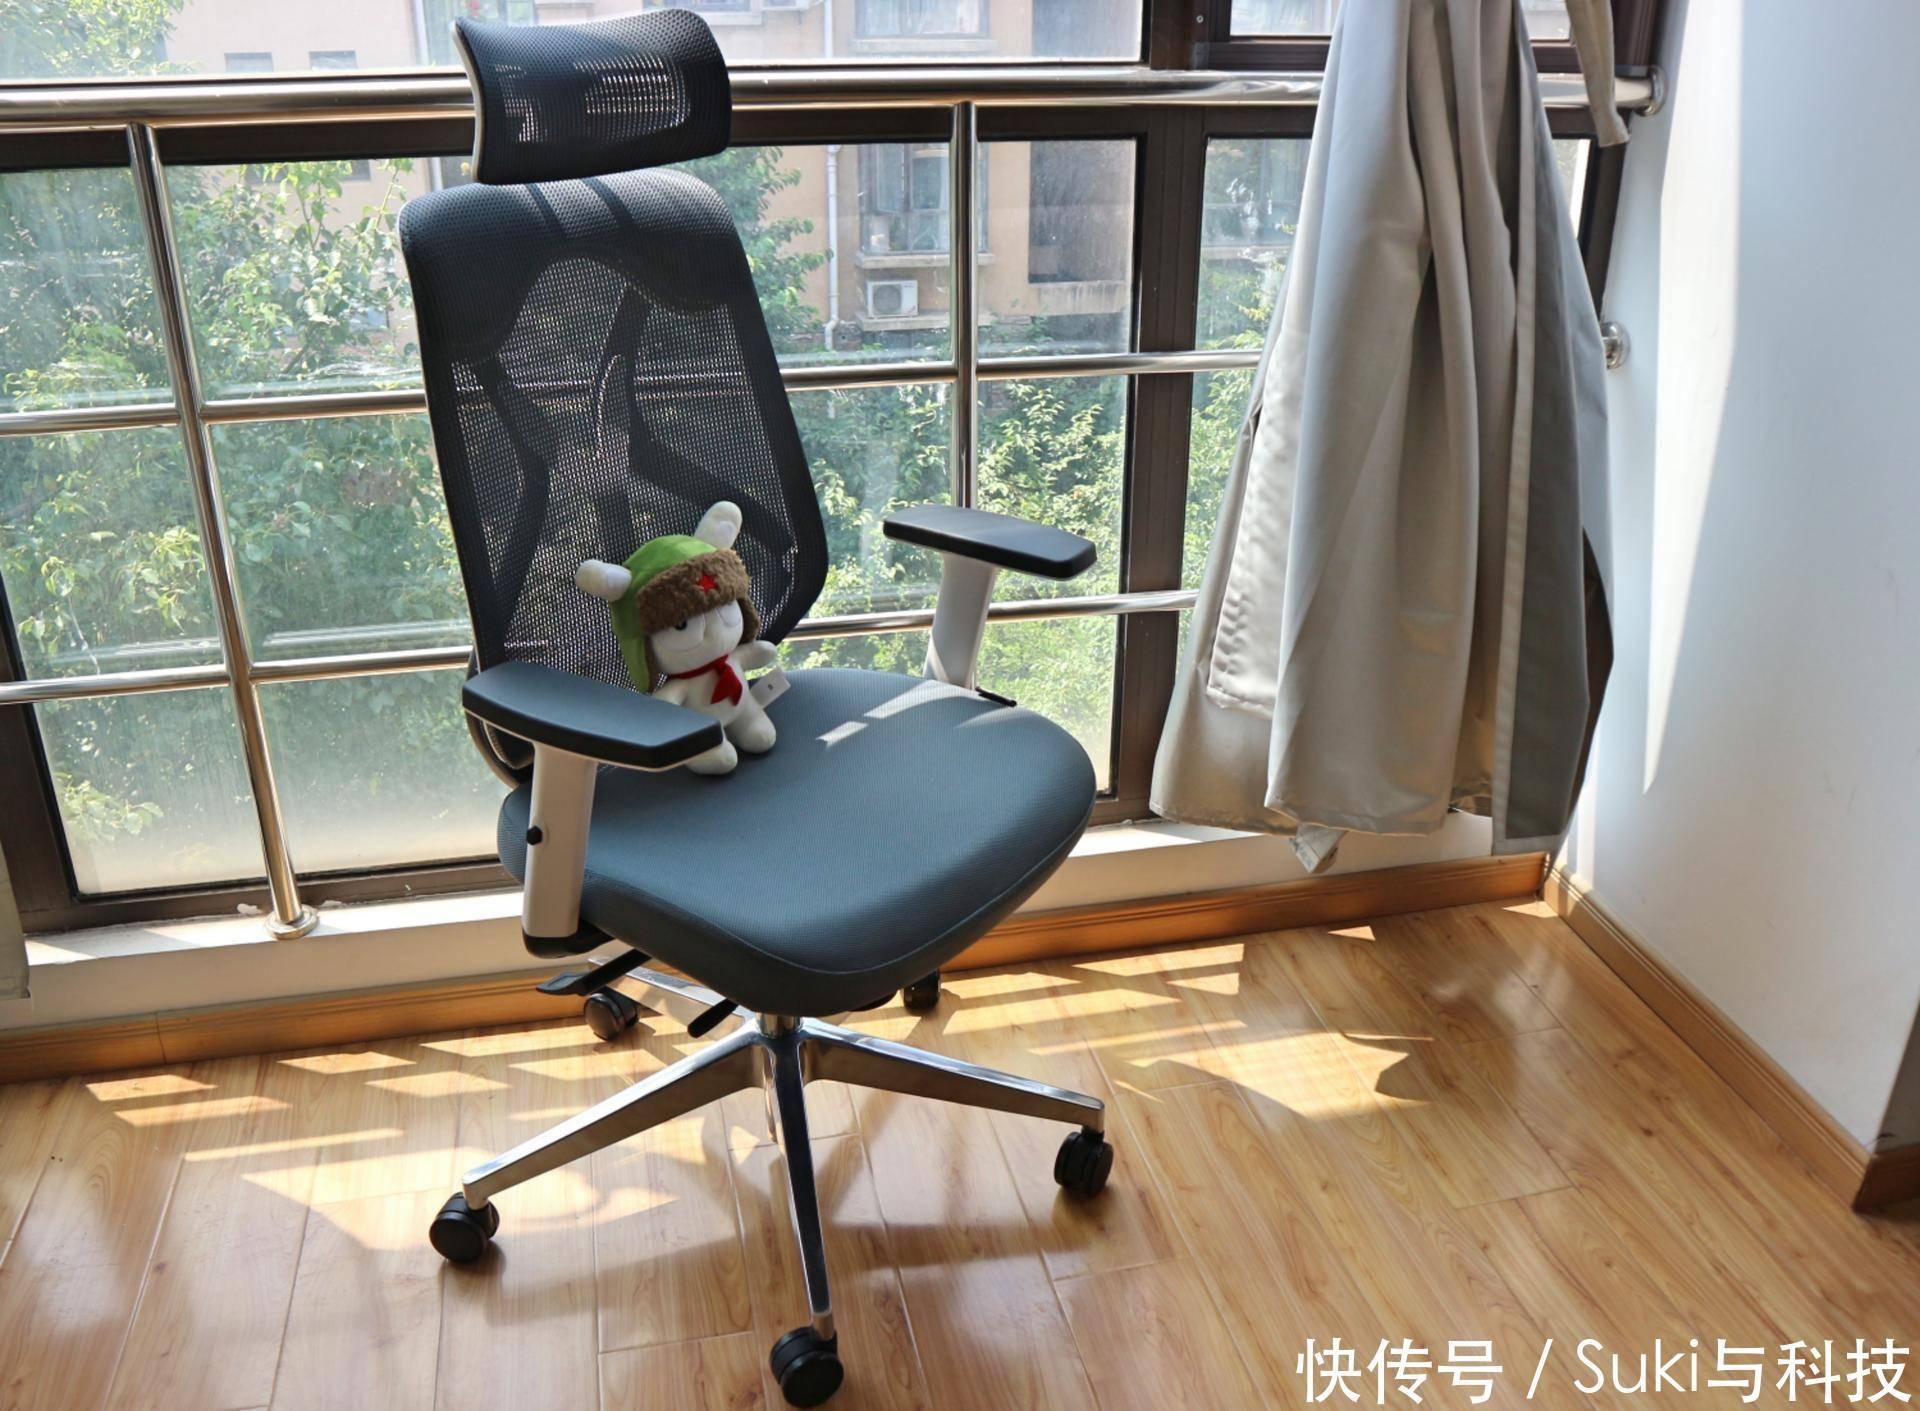 黑白调双腰托电脑椅评测:谁说一见钟情不靠谱?_分分彩技巧